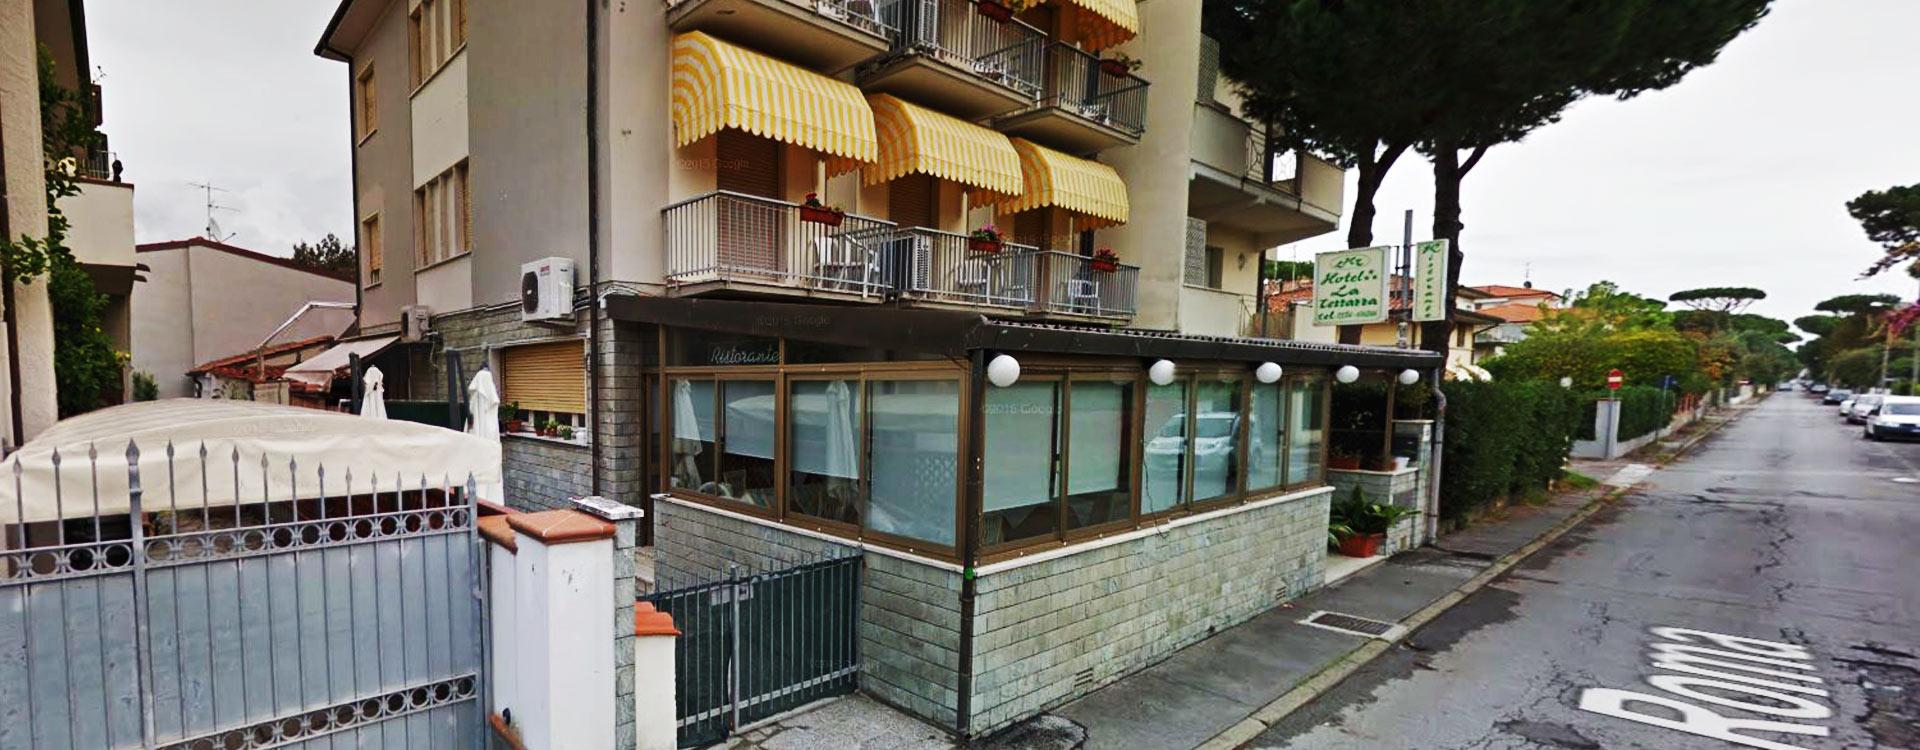 Hotel Ristorante La Terrazza - Nuova Gestione 2015